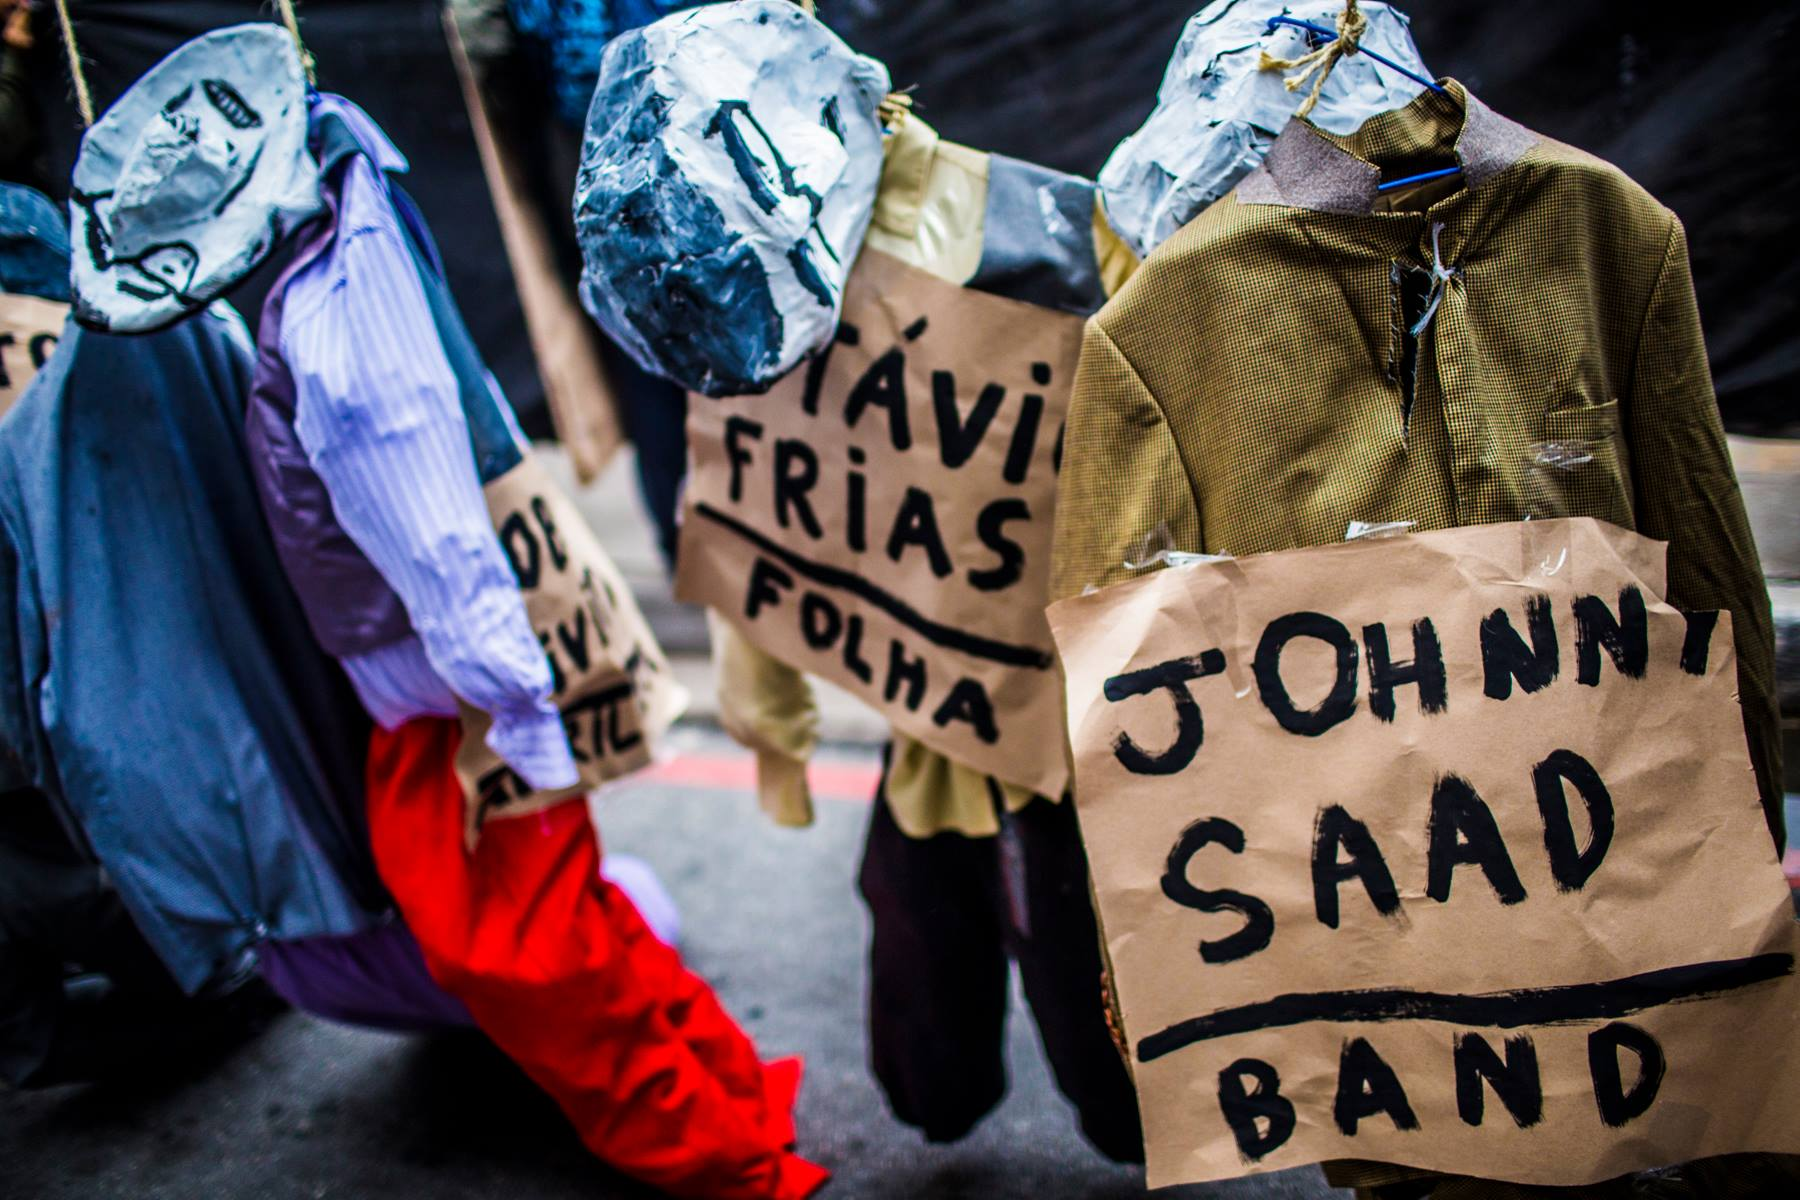 Johnny Saad, Roberto Marinho, Rui Mesquita, Roberto Civita e Otávio Frias. Os donos da mídia foram ao ato por Tarifa Zero ontem (19/06) em São Paulo, do jeito que o povo gosta: enforcados.